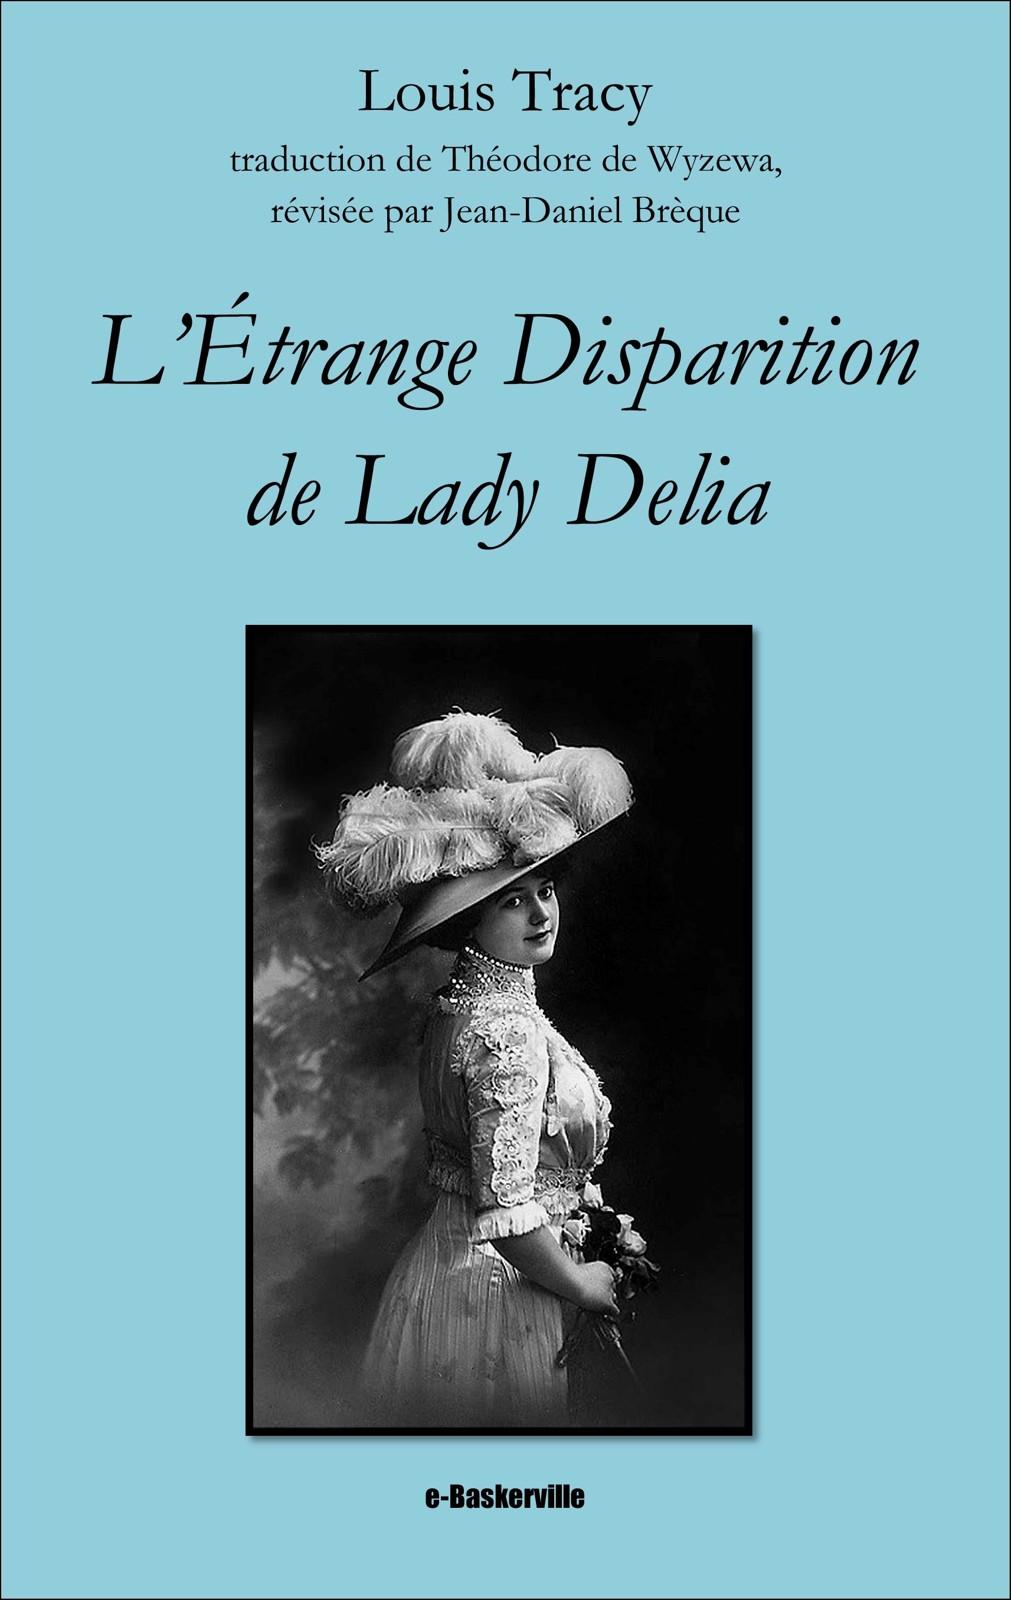 L'étrange Disparition de Lady Delia